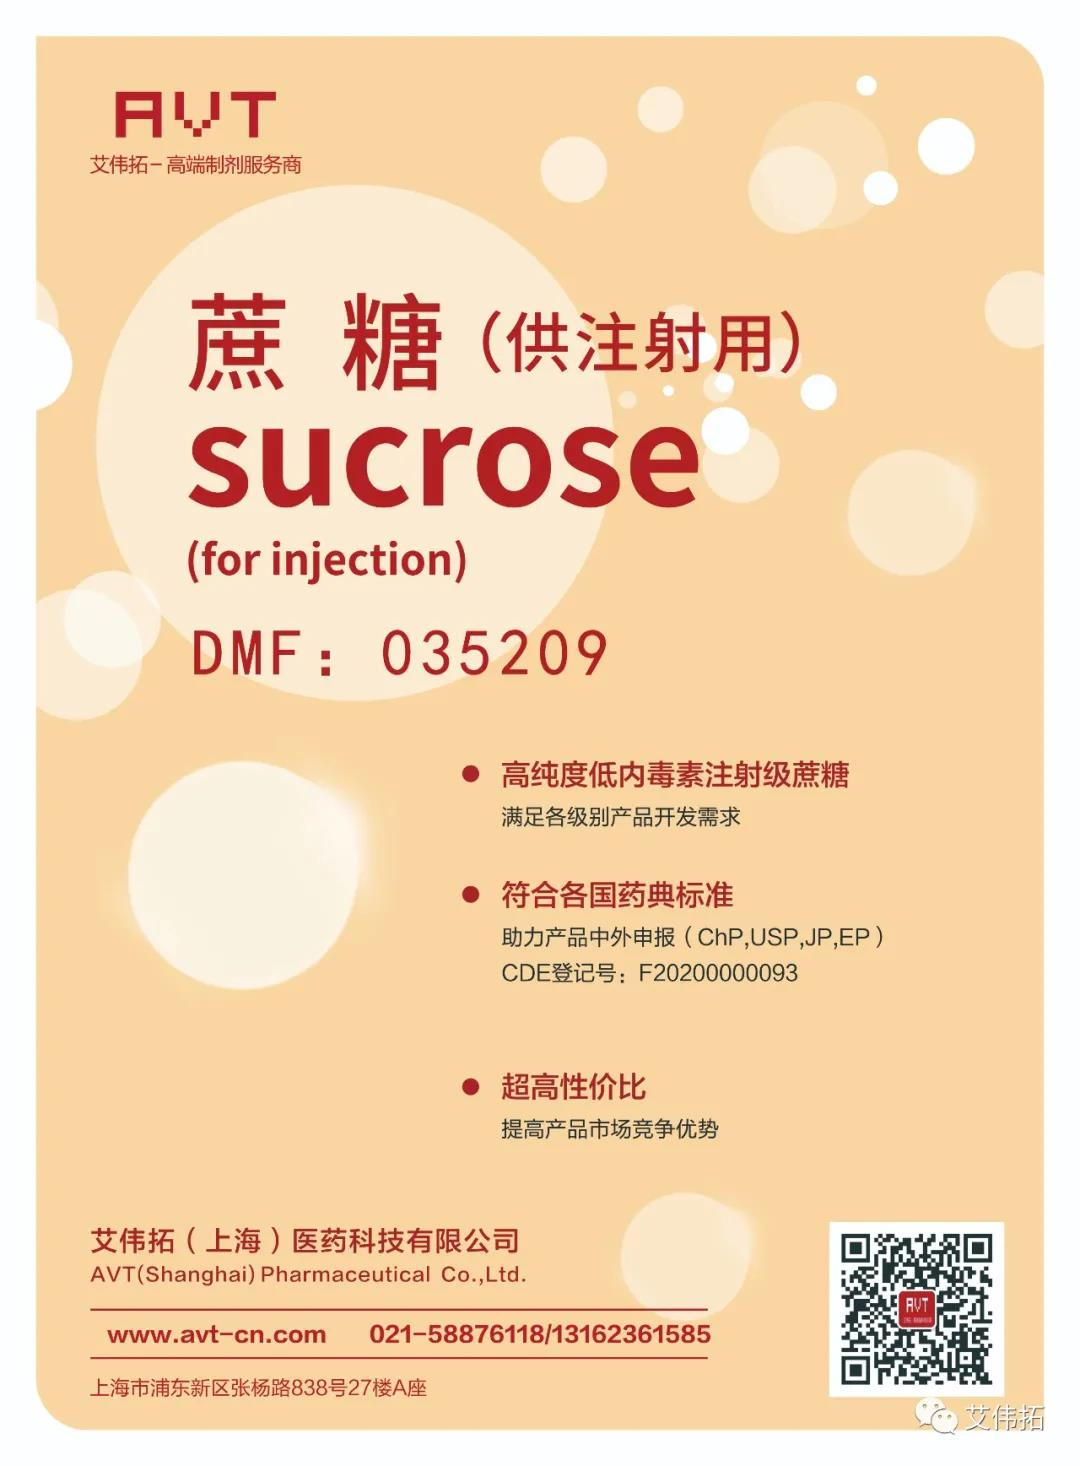 【DMF】AVT蔗糖(供注射用)获得DMF号!-艾伟拓(上海)医药科技有限公司